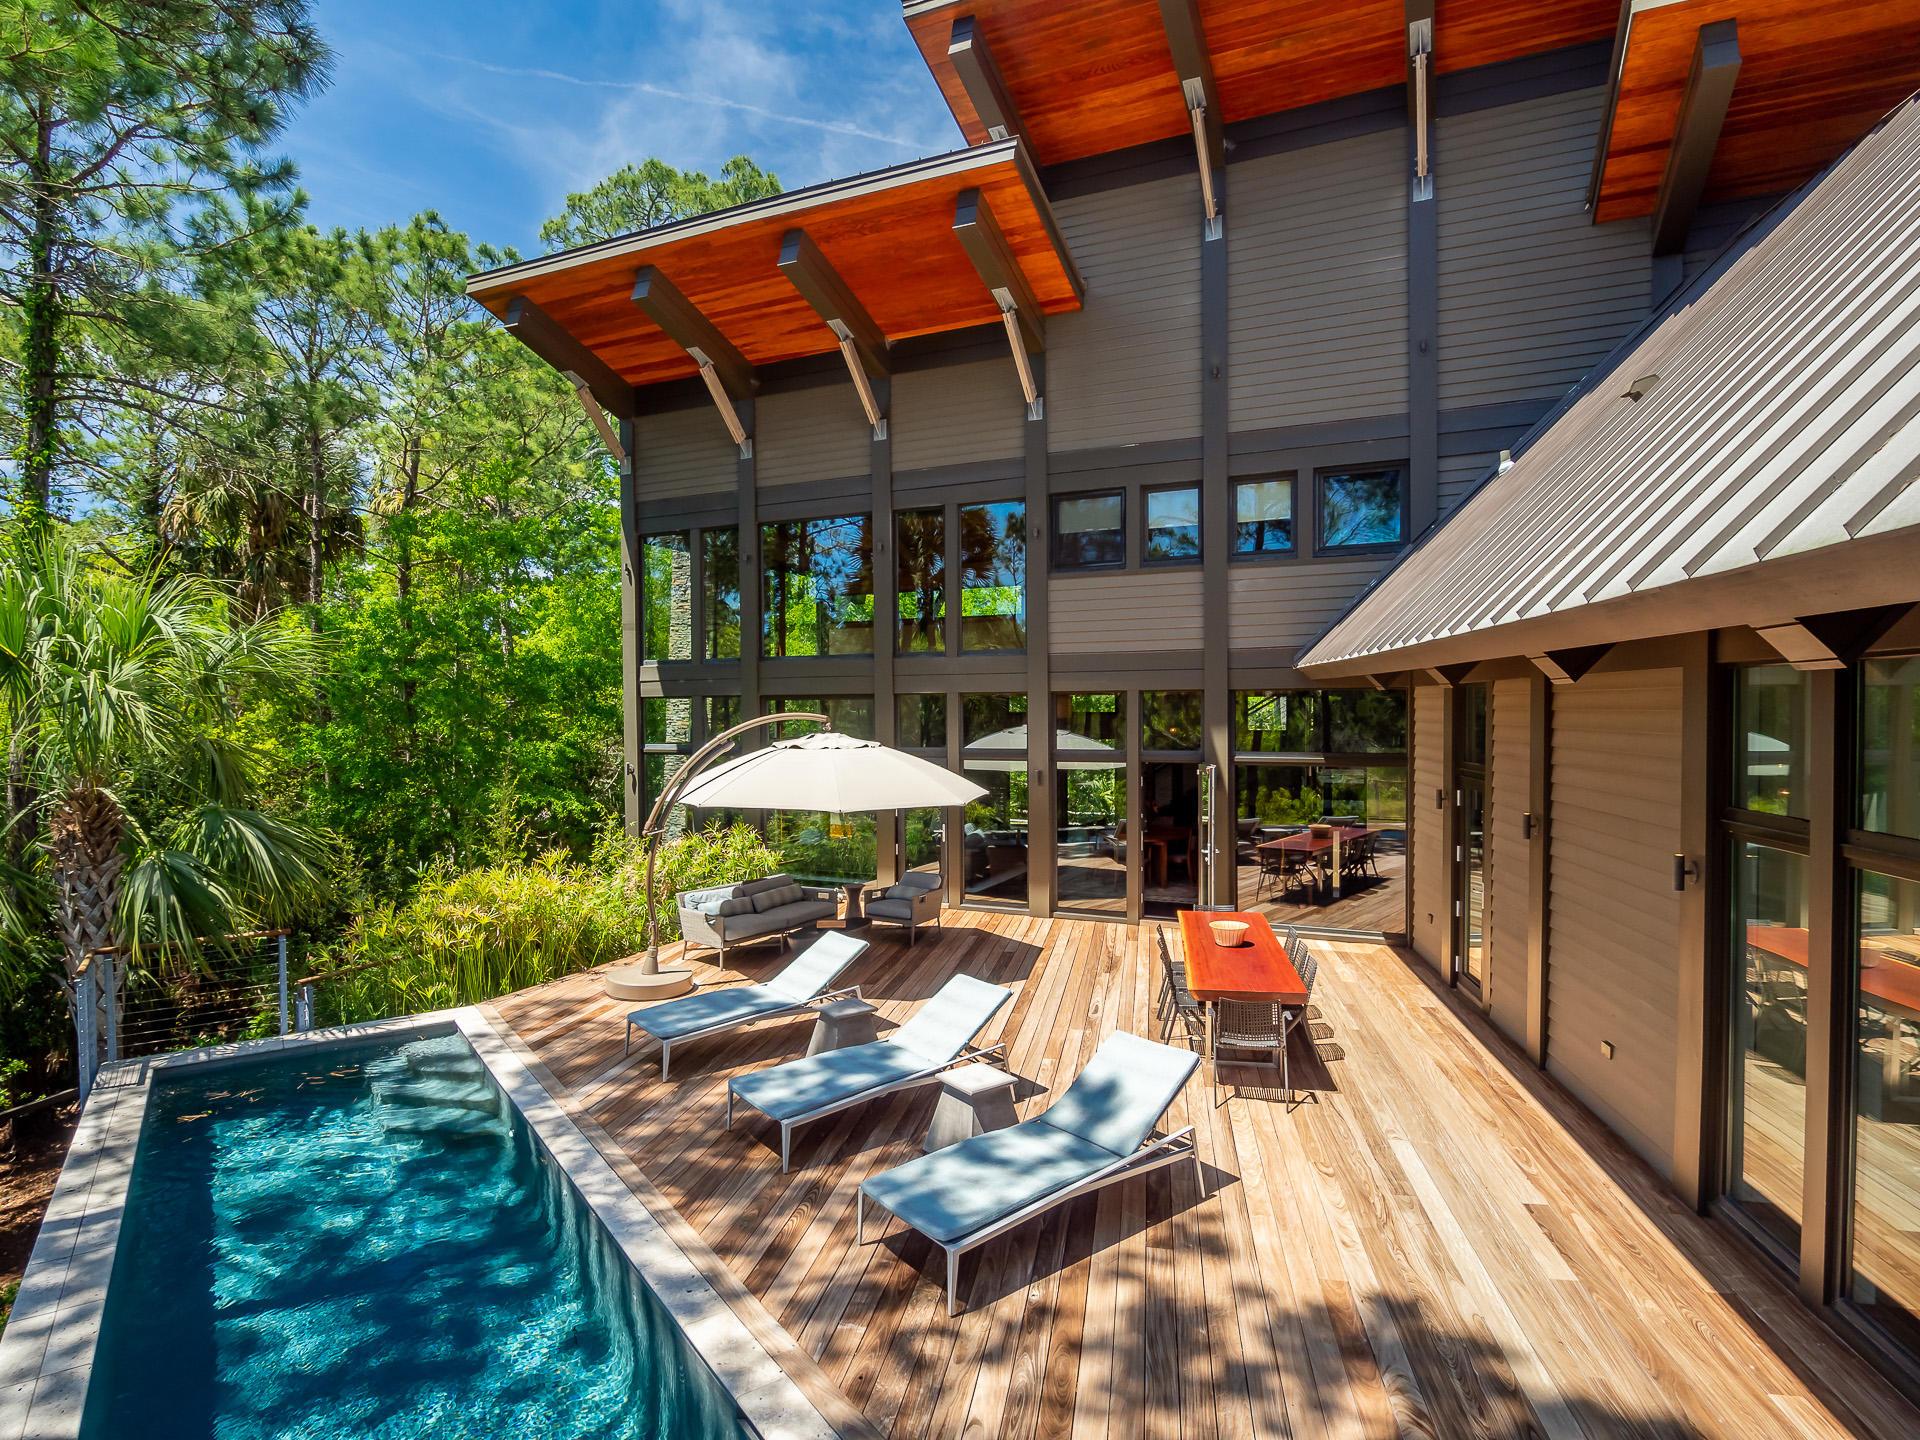 Kiawah Island Homes For Sale - 102 Blue Heron Pond, Kiawah Island, SC - 40